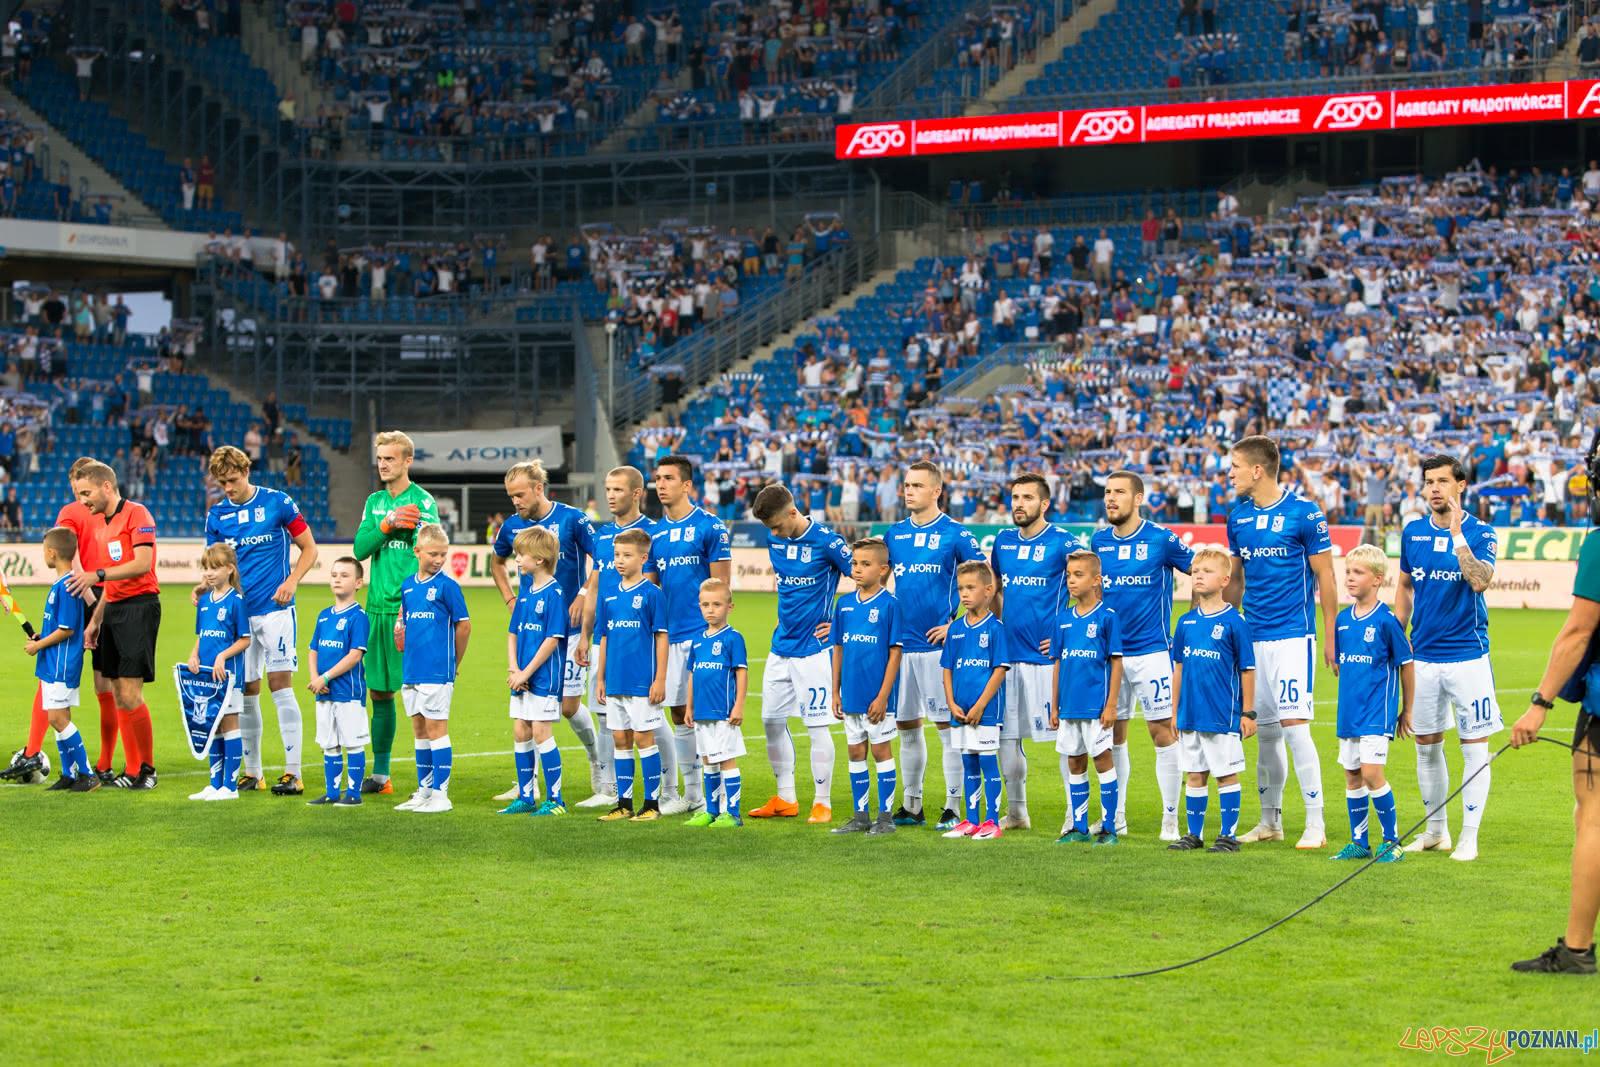 Lech Poznań - FC Shakhtyor Soligorsk  Foto: lepszyPOZNAN.pl/Piotr Rychter